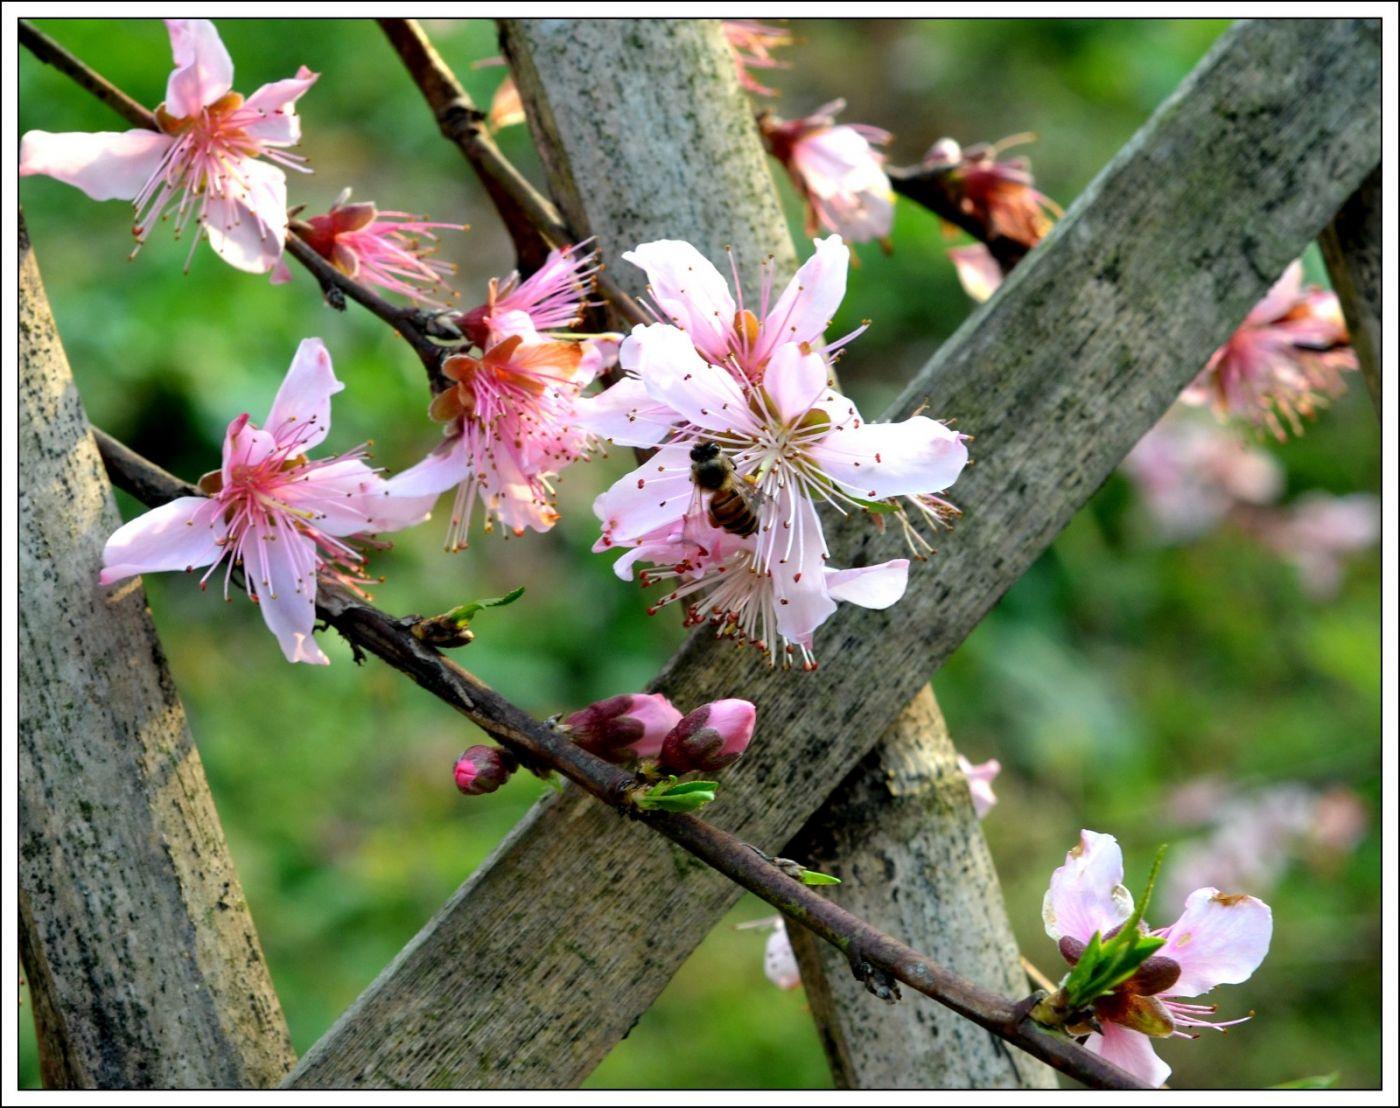 春分日小雨(七律)_图1-10